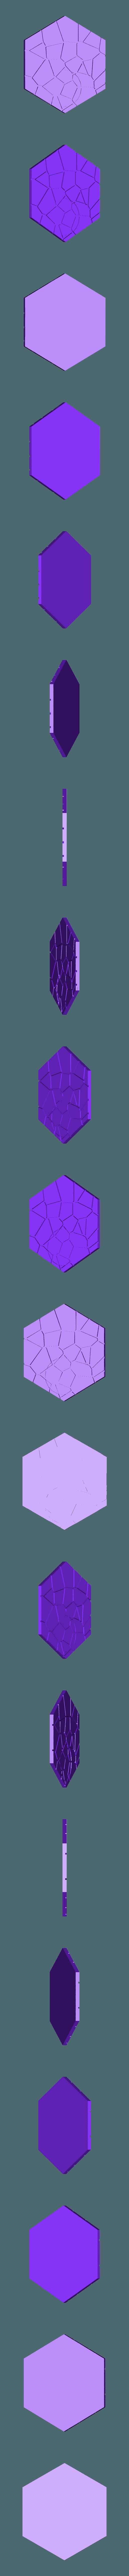 Catan_-_Brick1.stl Télécharger fichier STL gratuit Jeu complet de carreaux Catan - Buse simple, multicouches multicolores • Objet pour impression 3D, Hardcore3D